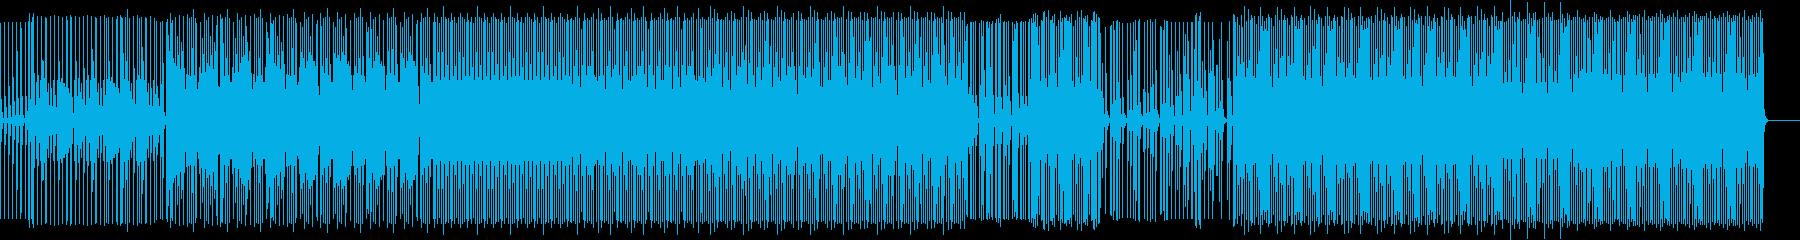 プロモーション動画向けシンプルエレクトロの再生済みの波形